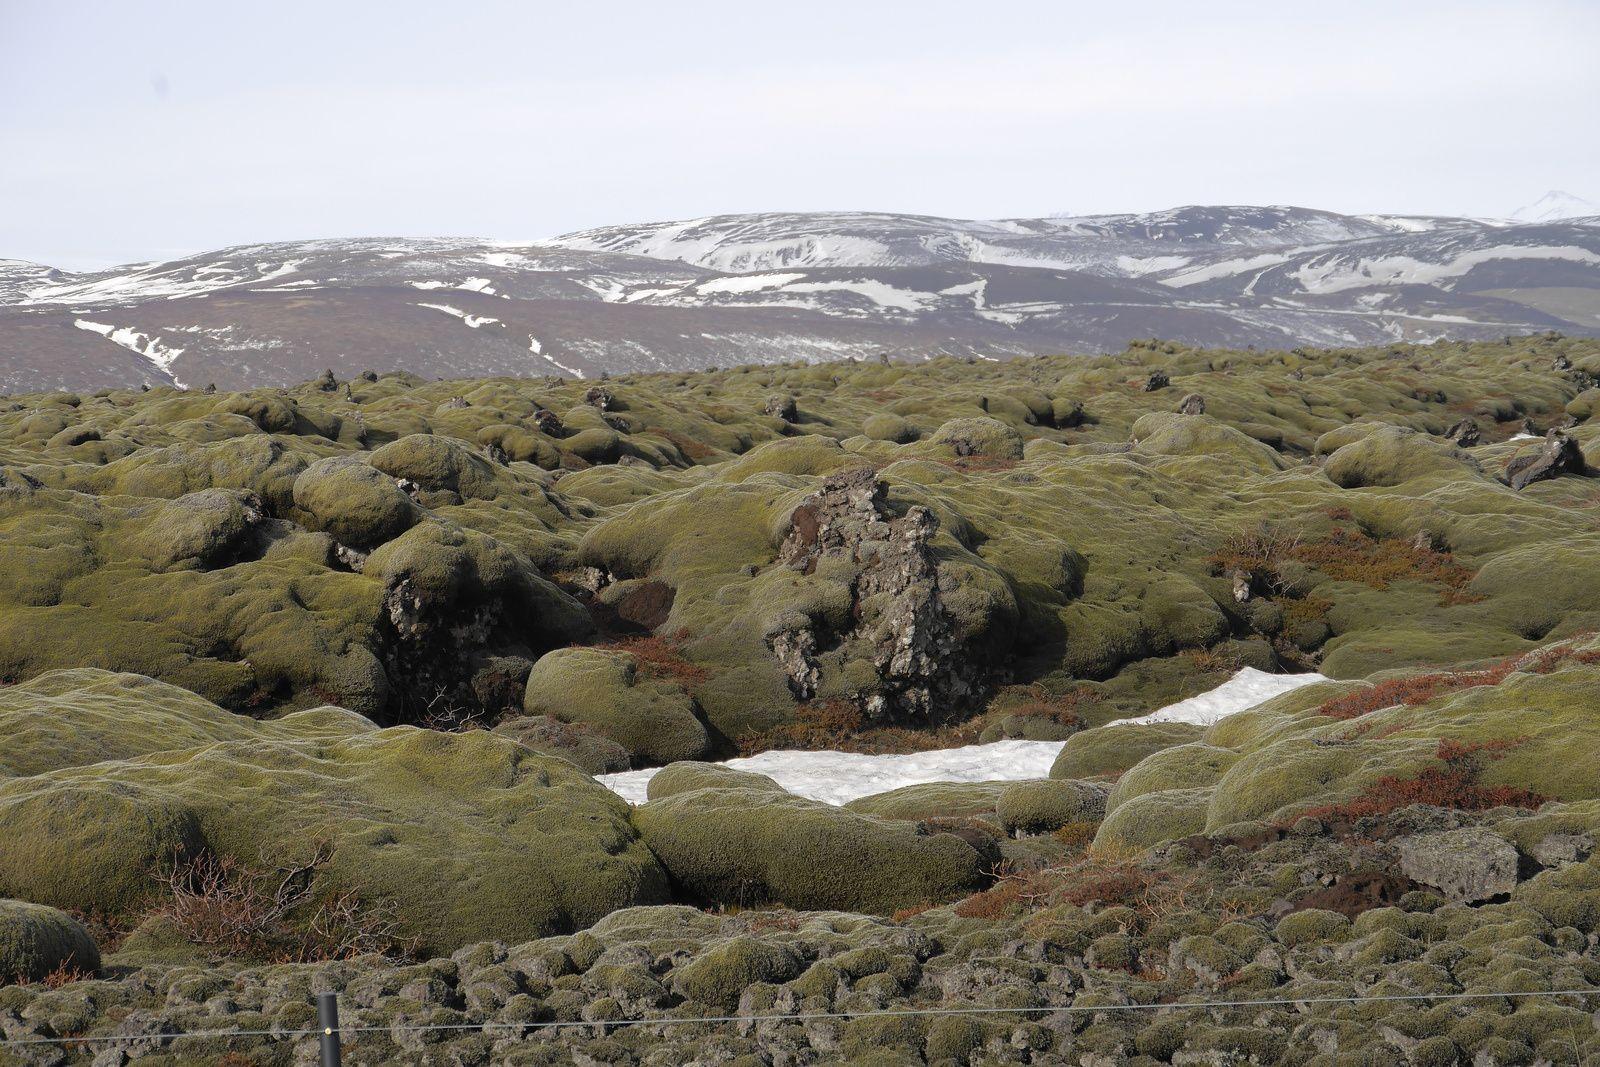 Islande - les champs de lave laissés par les éruptions de l'Eldgjá, aujourd'hui recouvert de mousses - photo JM.Mestdagh